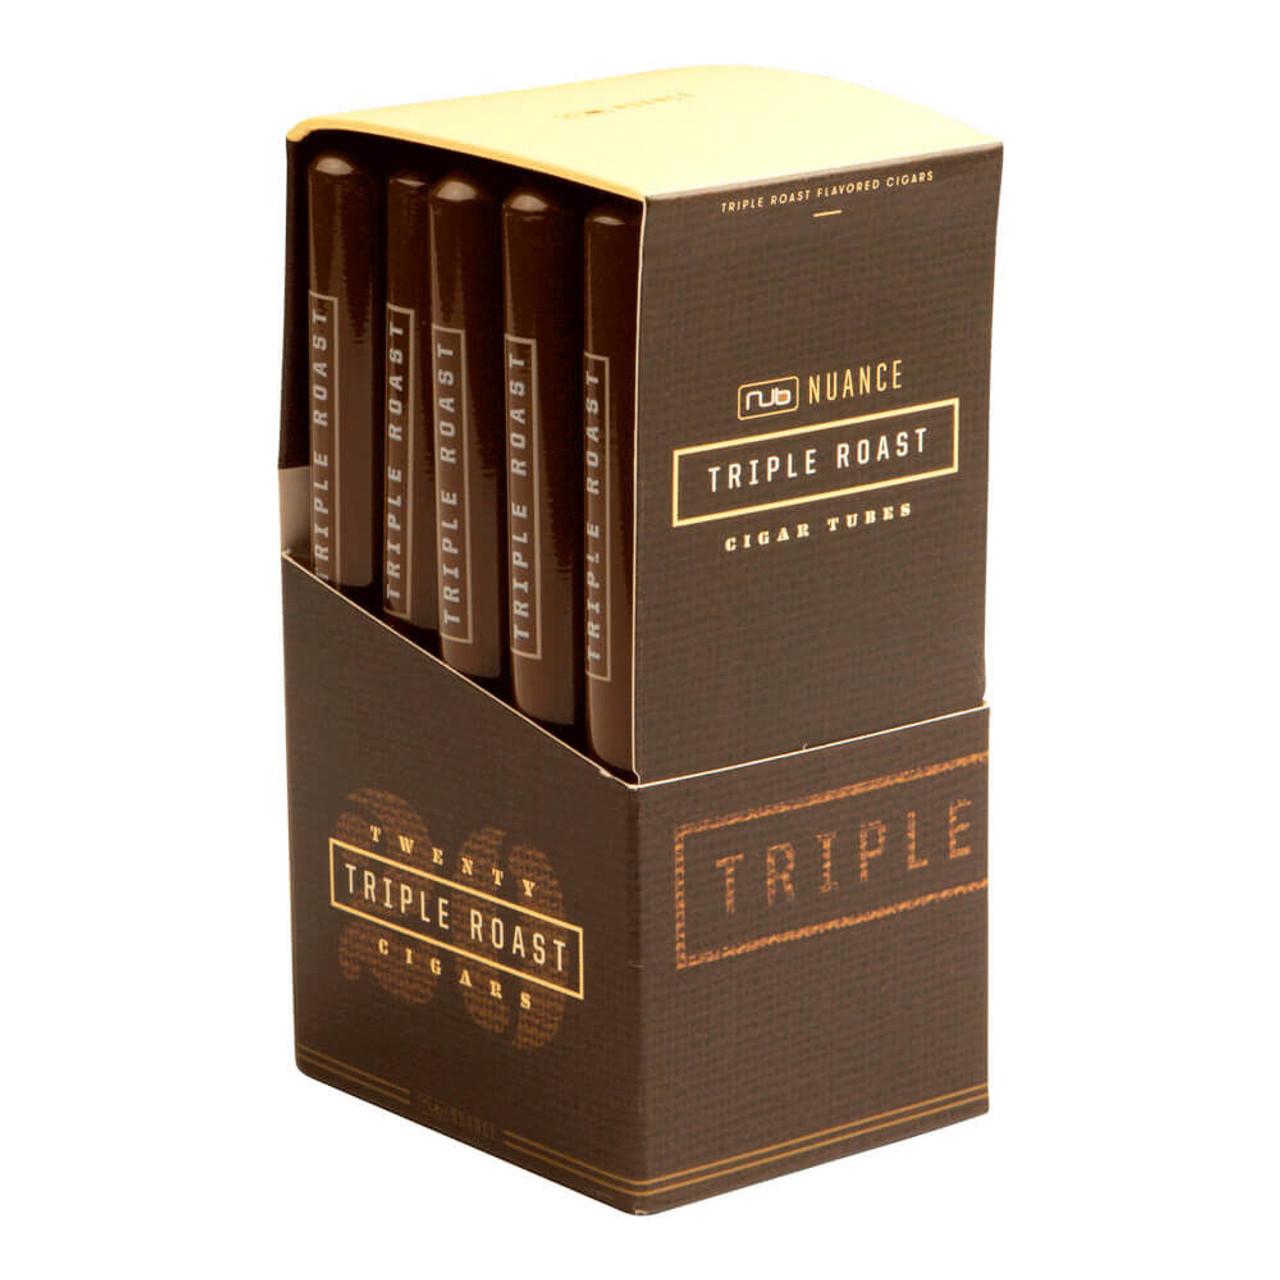 Nub Nuance Triple Roast Tubo Cigars - 4.75 x 30 (Box of 20)